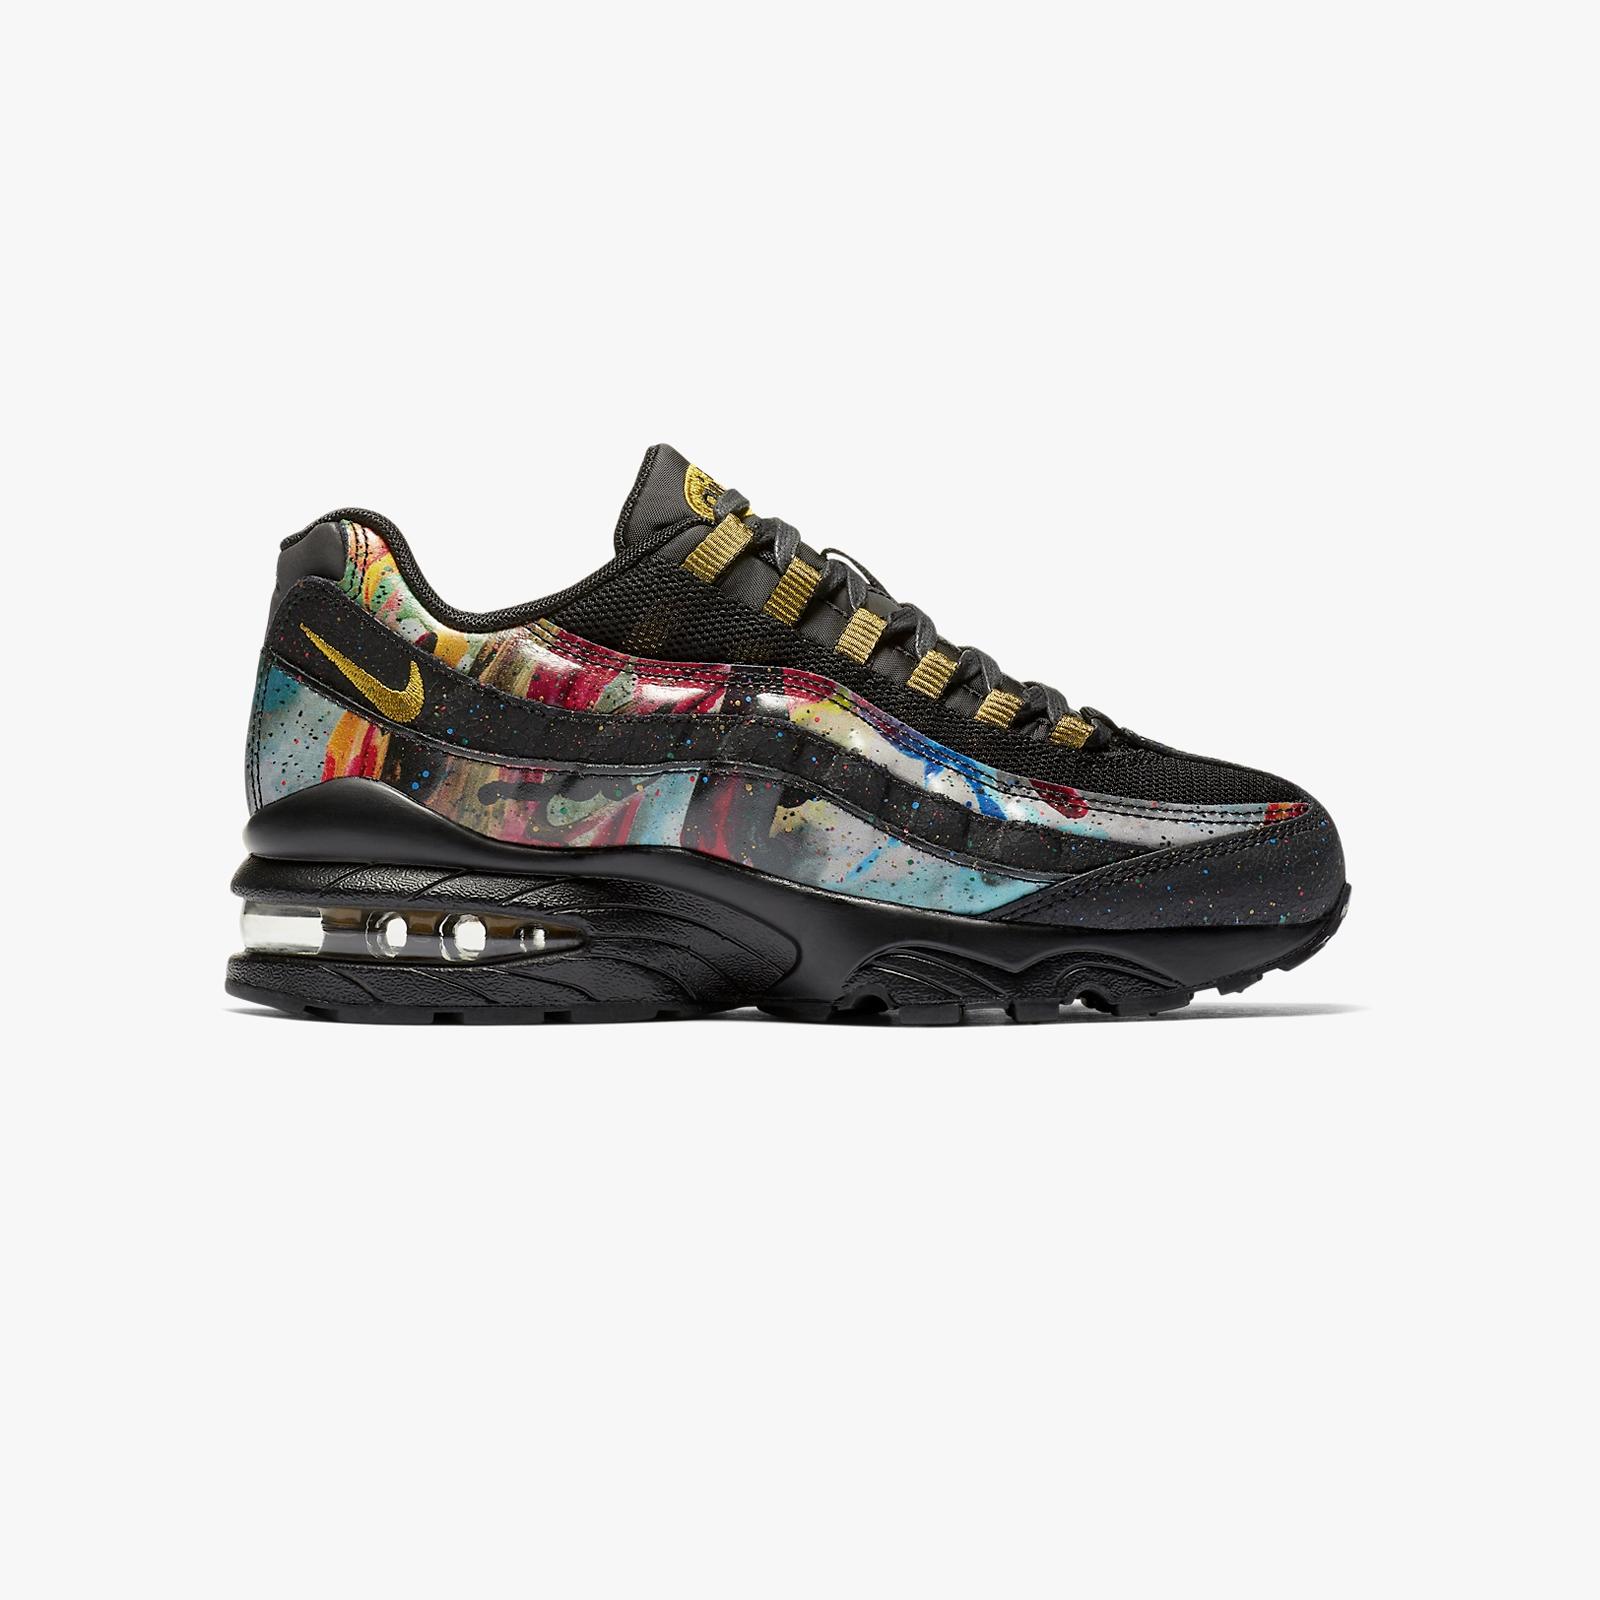 25b71d08f7f Nike Air Max 95 - At6158-001 - Sneakersnstuff